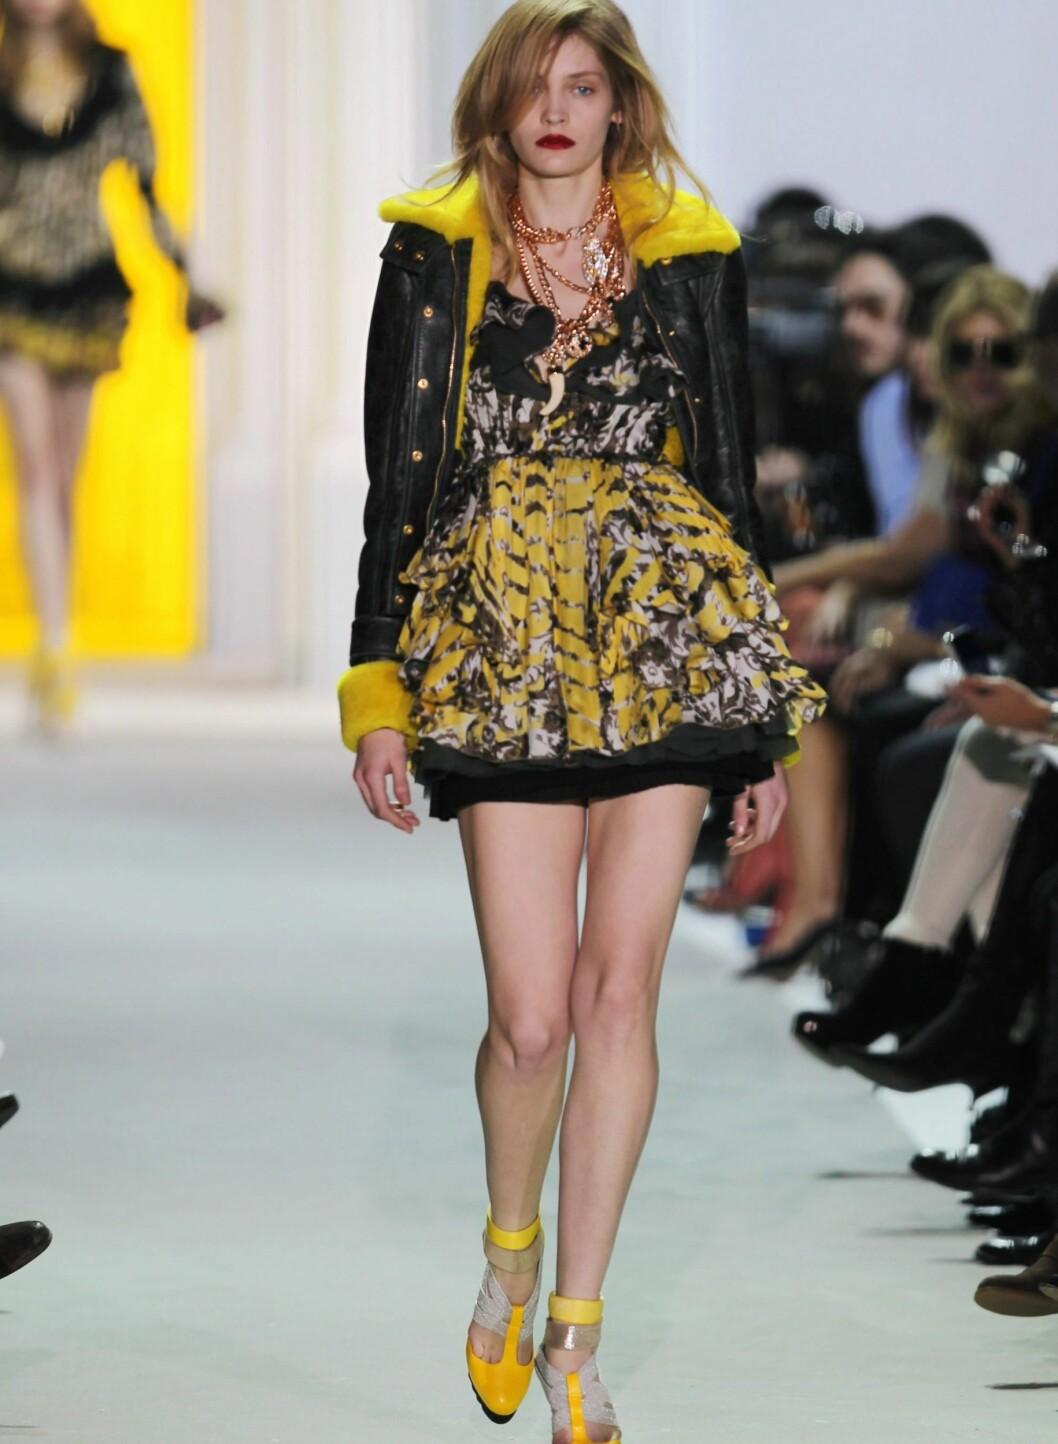 På Just Cavallis show under moteuka i Milano kunne vi se denne looken. Her har modellen fått gule sko, en gulspettet kjole og en jakke med gul pelskant. Det trenger altså ikke være så mye gult før kyllinglooken kommer. Vi kan også notere oss at et småsurt uttrykk ikke er helt kledelig når man har pyntet seg med fargesirkelens gladeste farge.  Foto: All Over Press